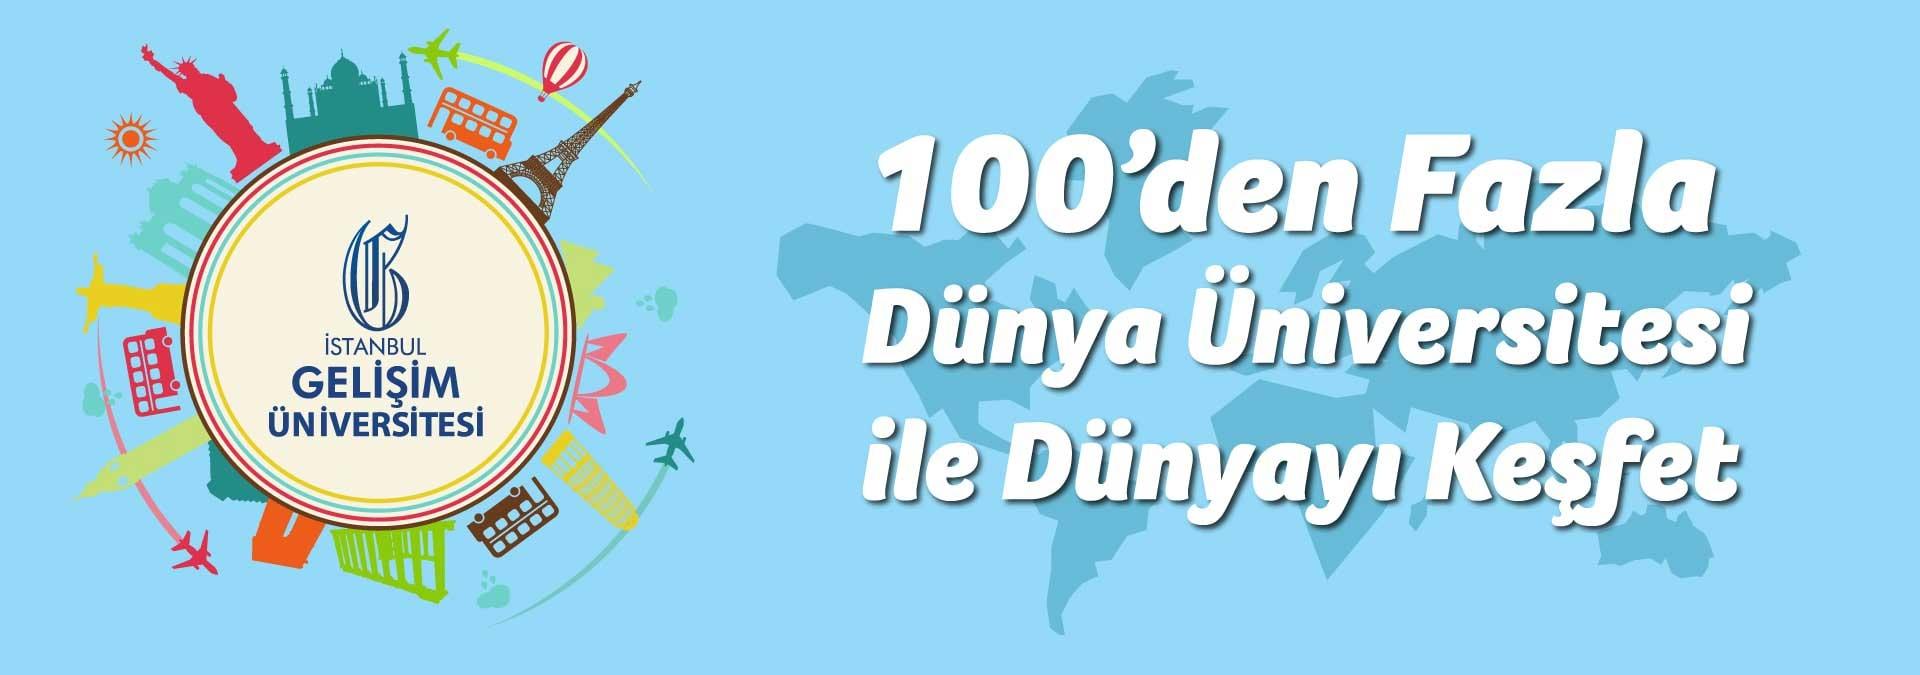 İstanbul Gelişim Üniversitesi'nden 100'den Fazla Dünya Üniversitesi ile İşbirliği